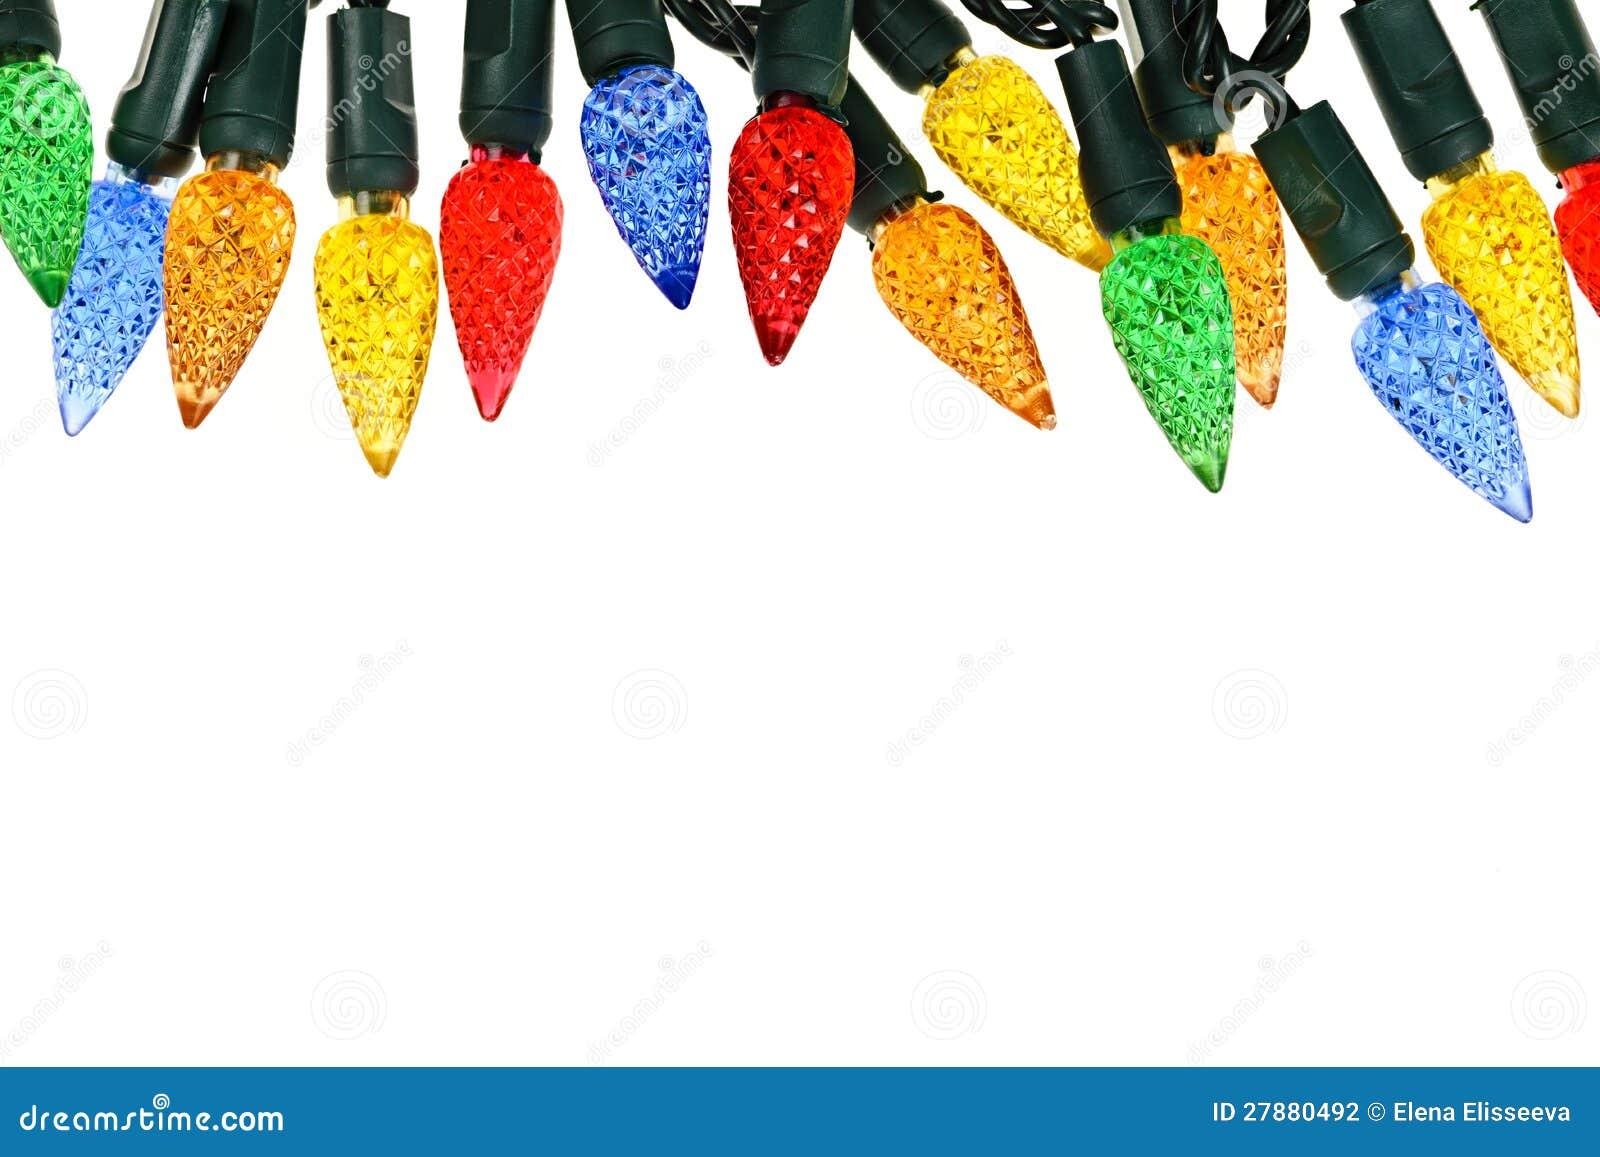 Christmas lights border stock photo. Image of bulbs, lighting - 27880492